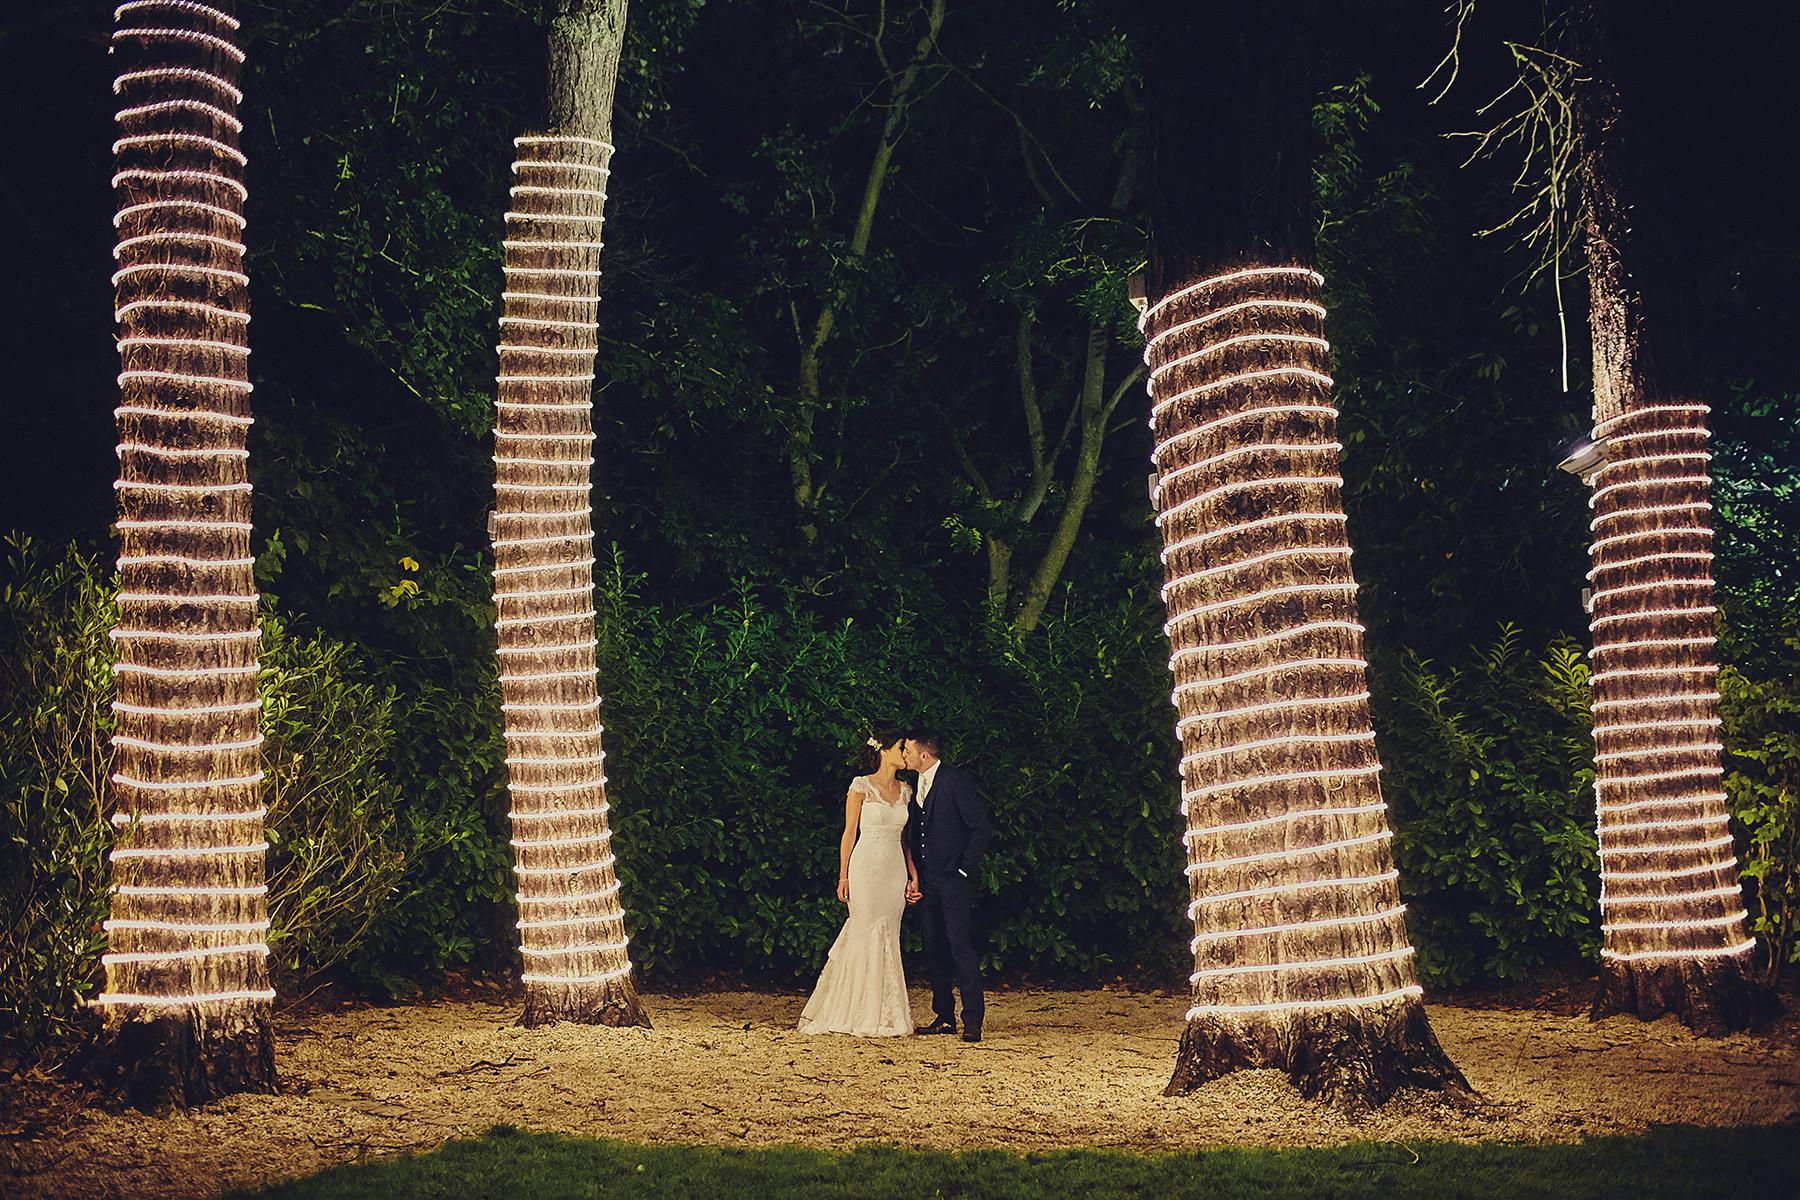 Keadeen Hotel Wedding Newbridge | Tara & Gearoid 74